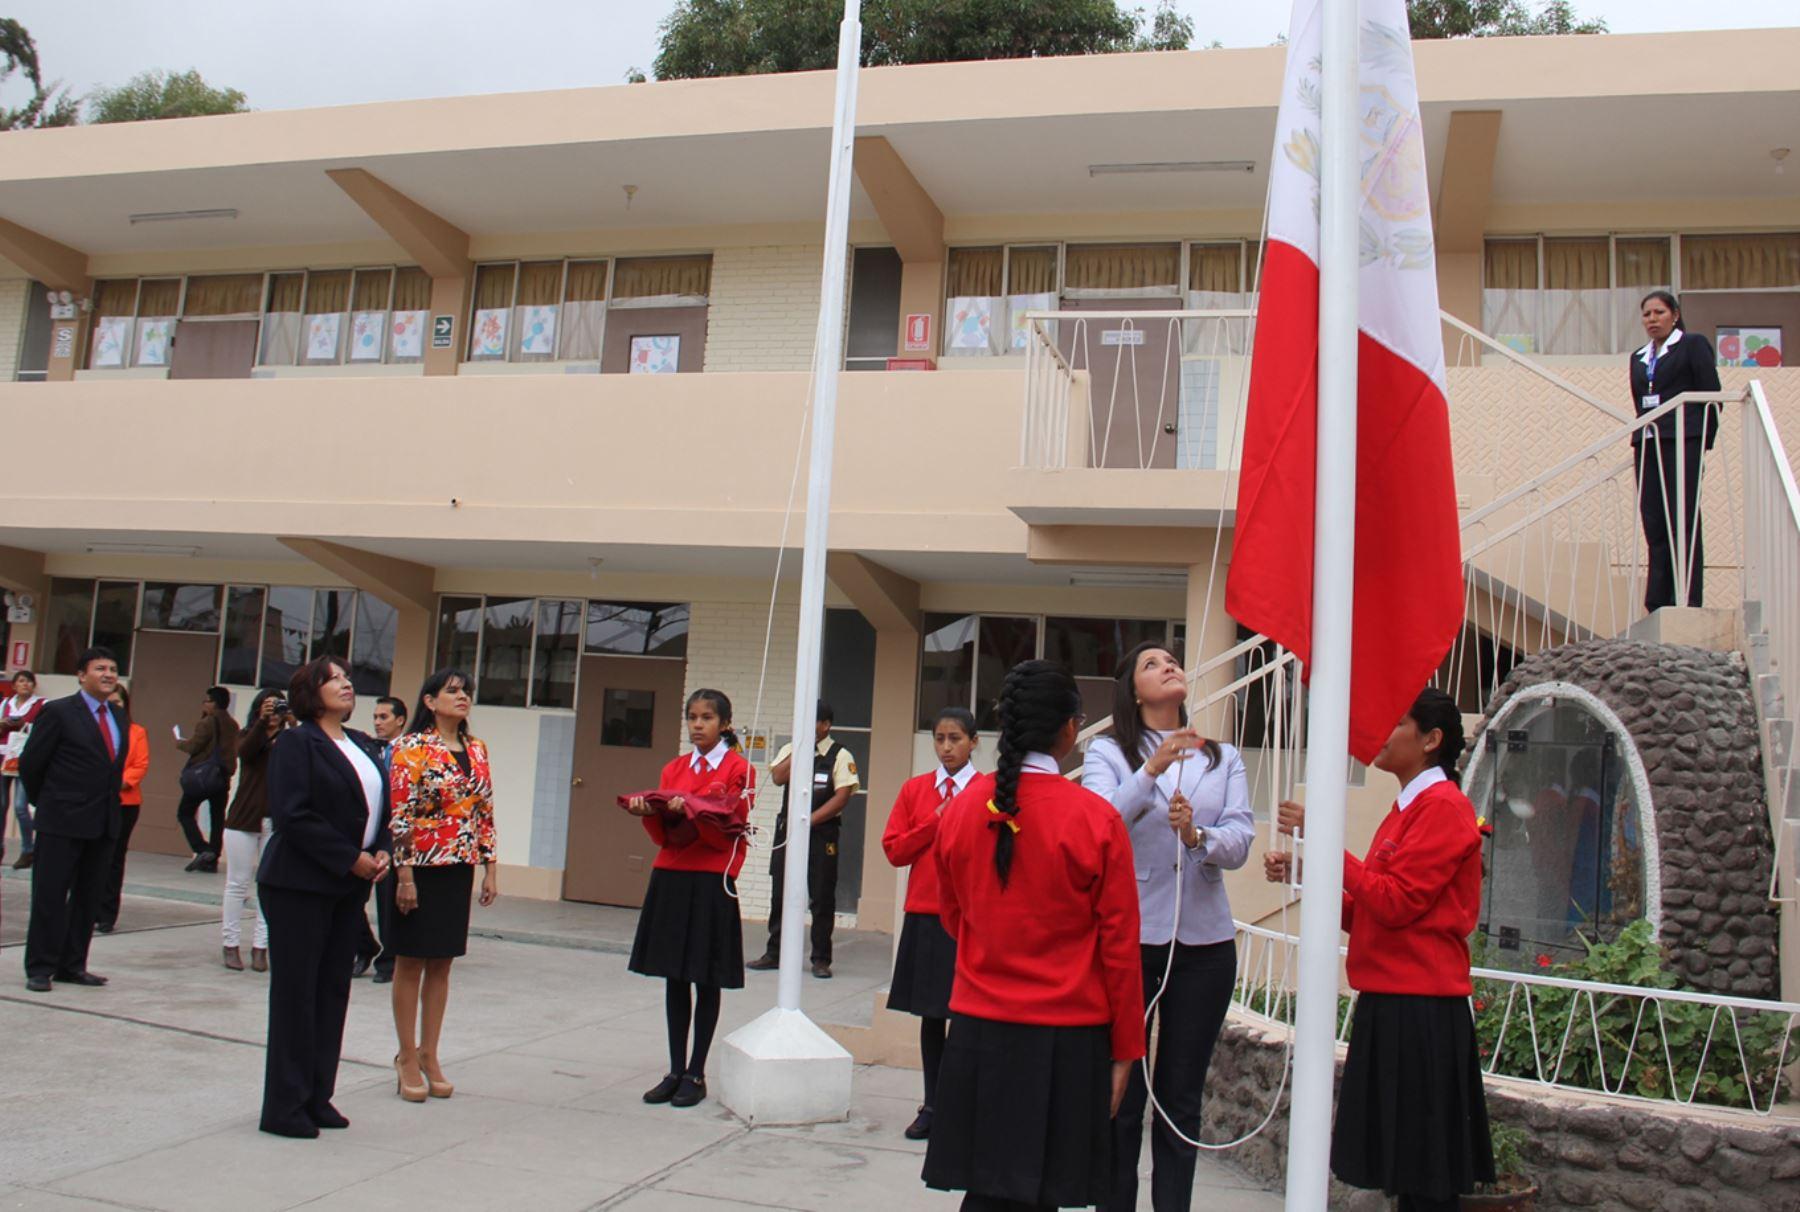 La gobernadora de Arequipa, Yamila Osorio inauguró hoy el año escolar en el COAR Arequipa. ANDINA/Rocío Méndez